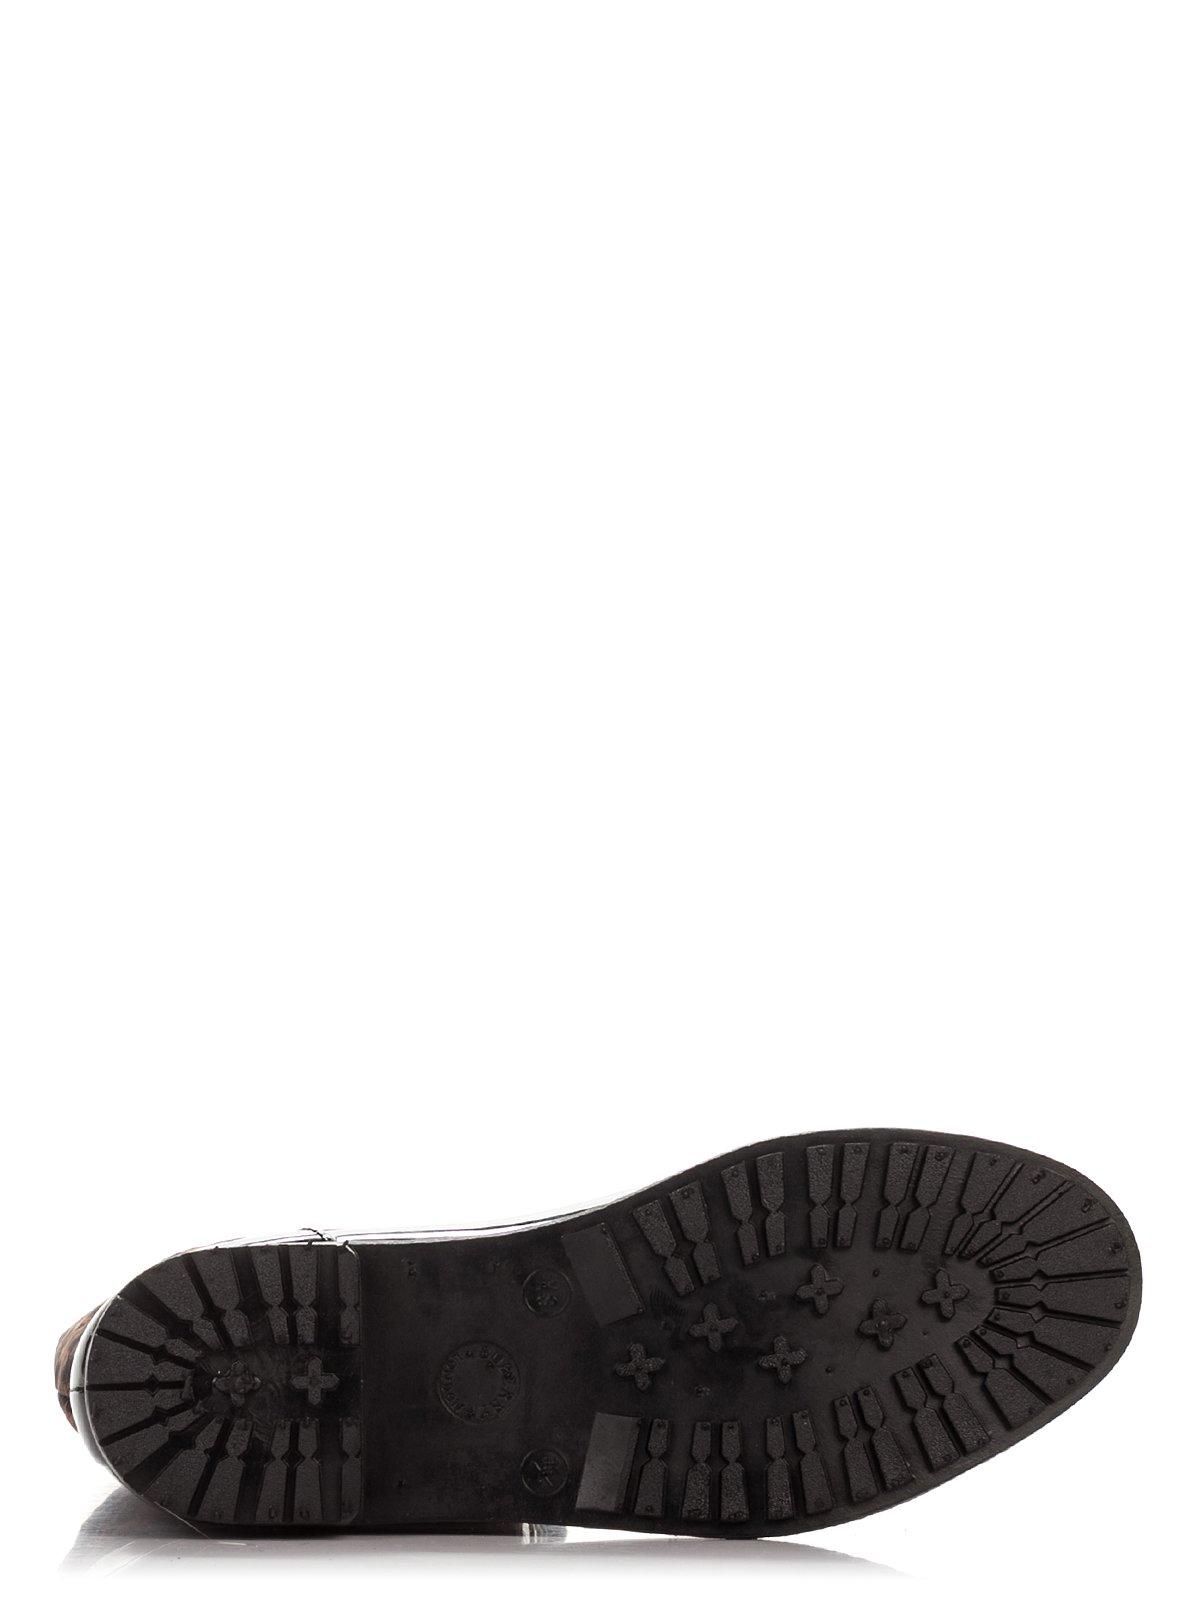 Сапоги черные с анималистическим принтом | 3908655 | фото 4